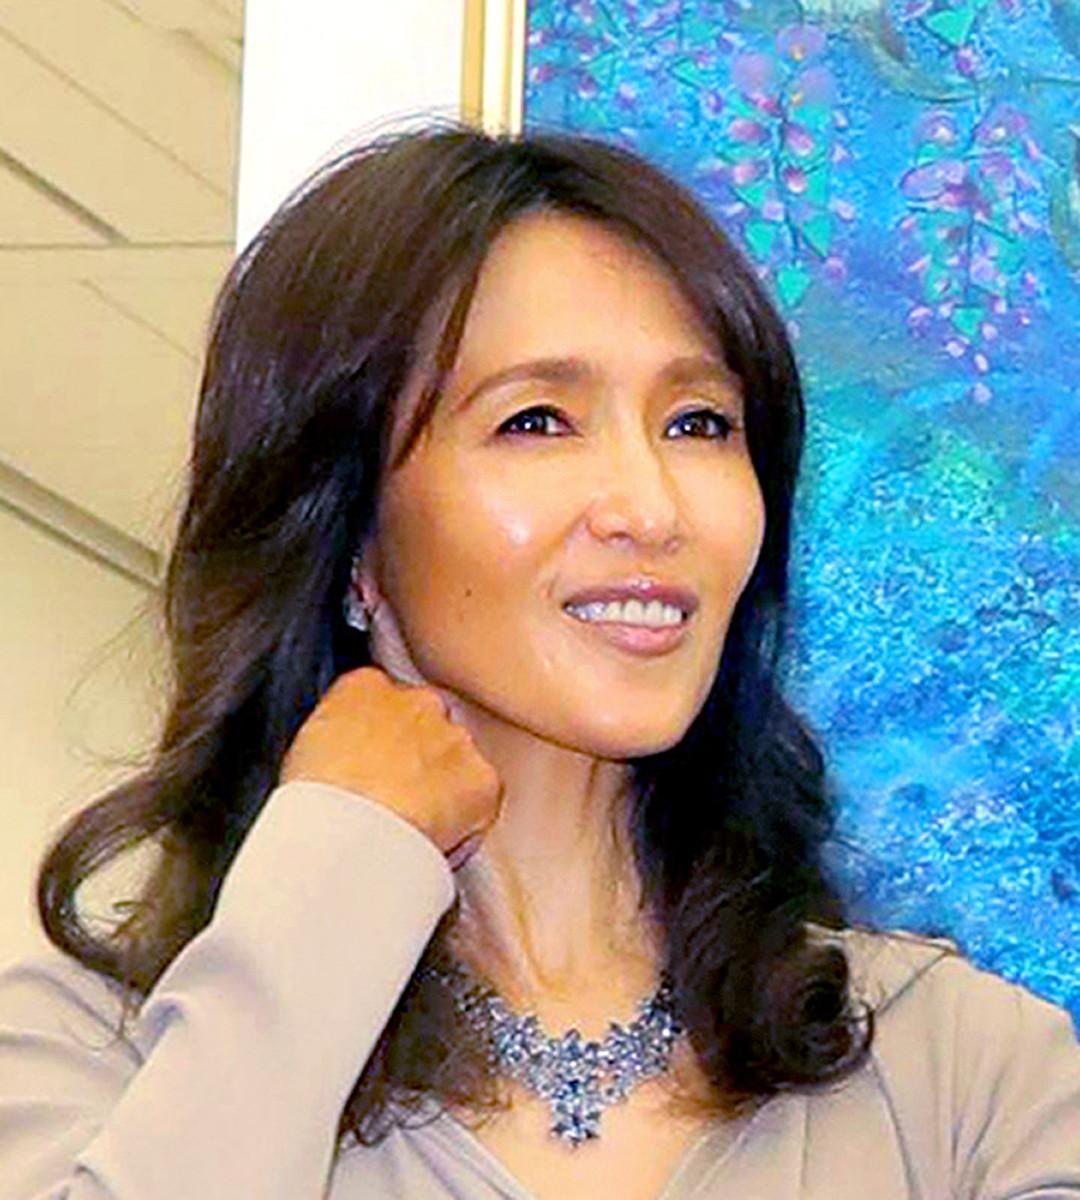 工藤静香、78歳母親とリンクコーデ親子ショットに驚き「細くて足が長い」Koki,デザインのバッグも(スポーツ報知) - Yahoo!ニュース